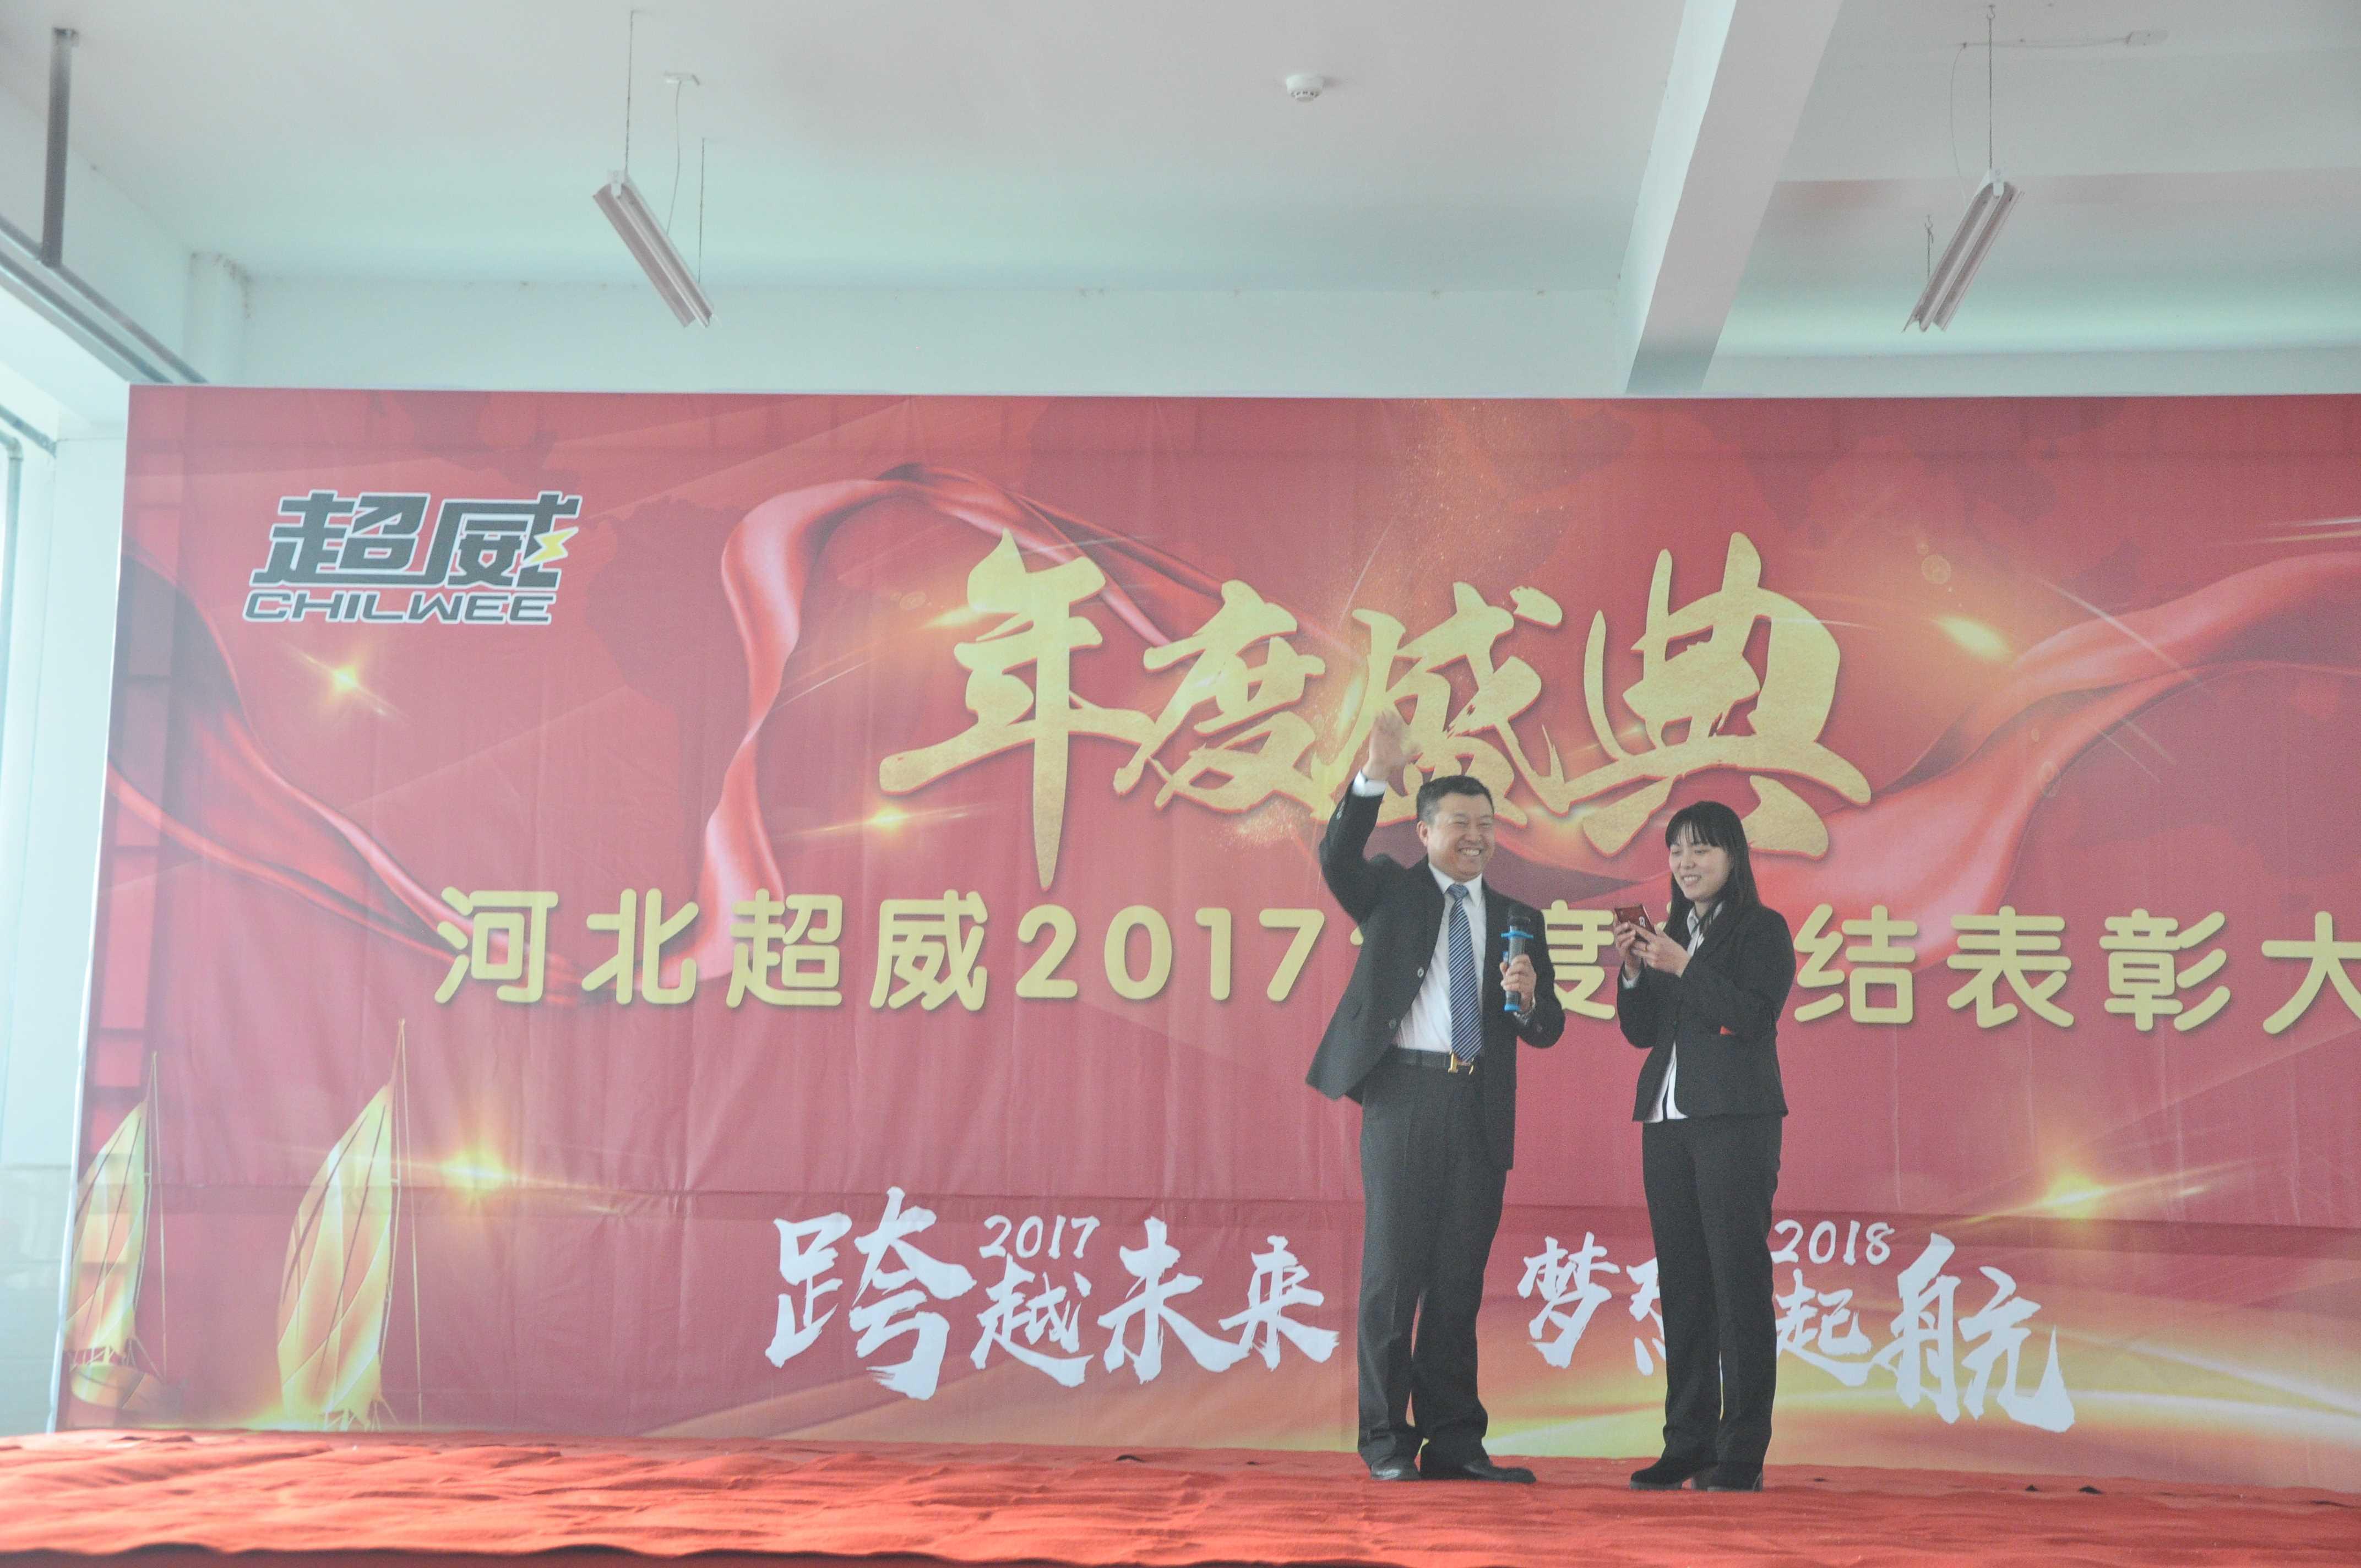 河北超威2017年度表彰大會